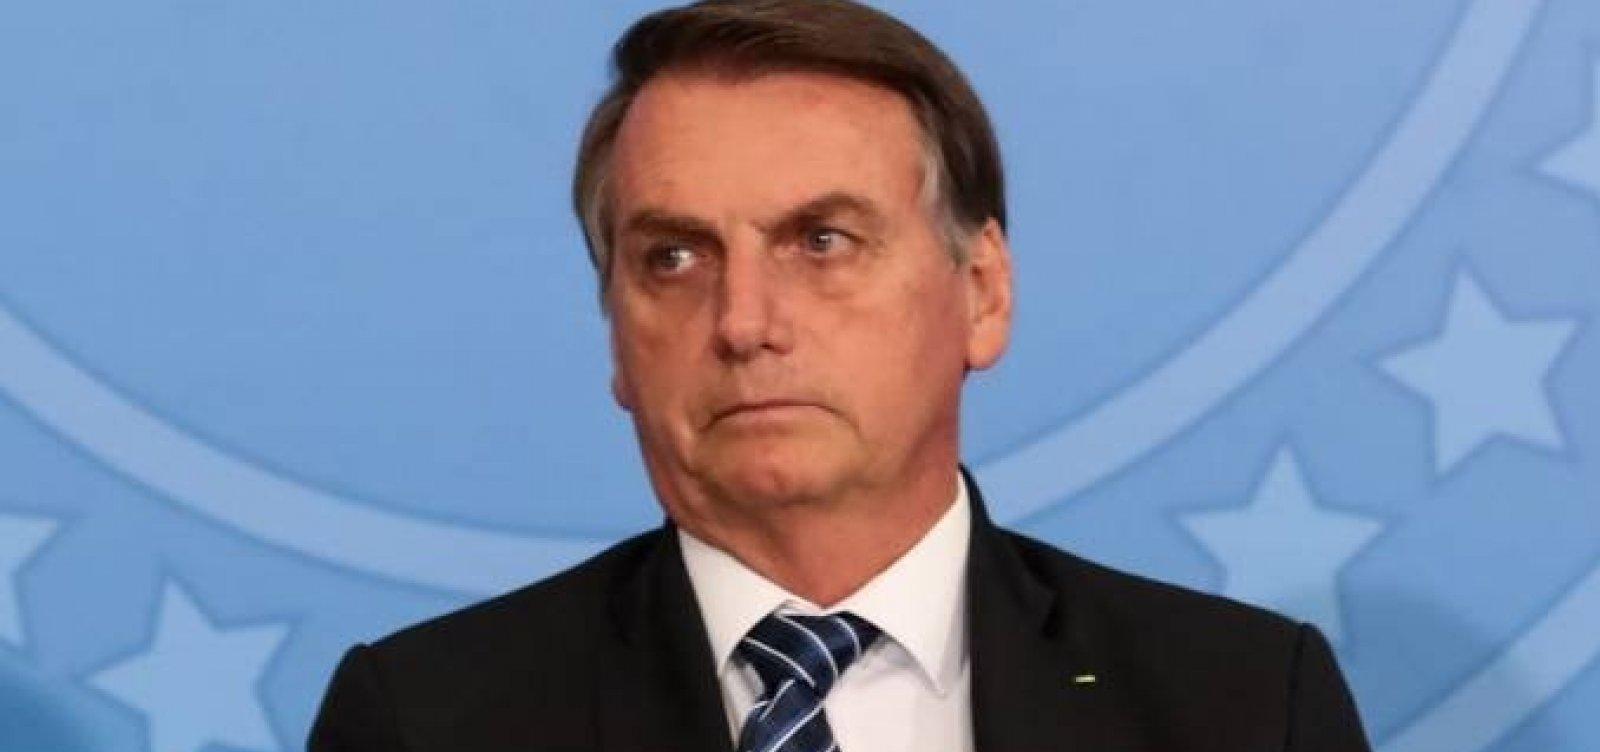 Porteiro mentiu sobre ida de suspeito à casa de Bolsonaro, diz procuradora